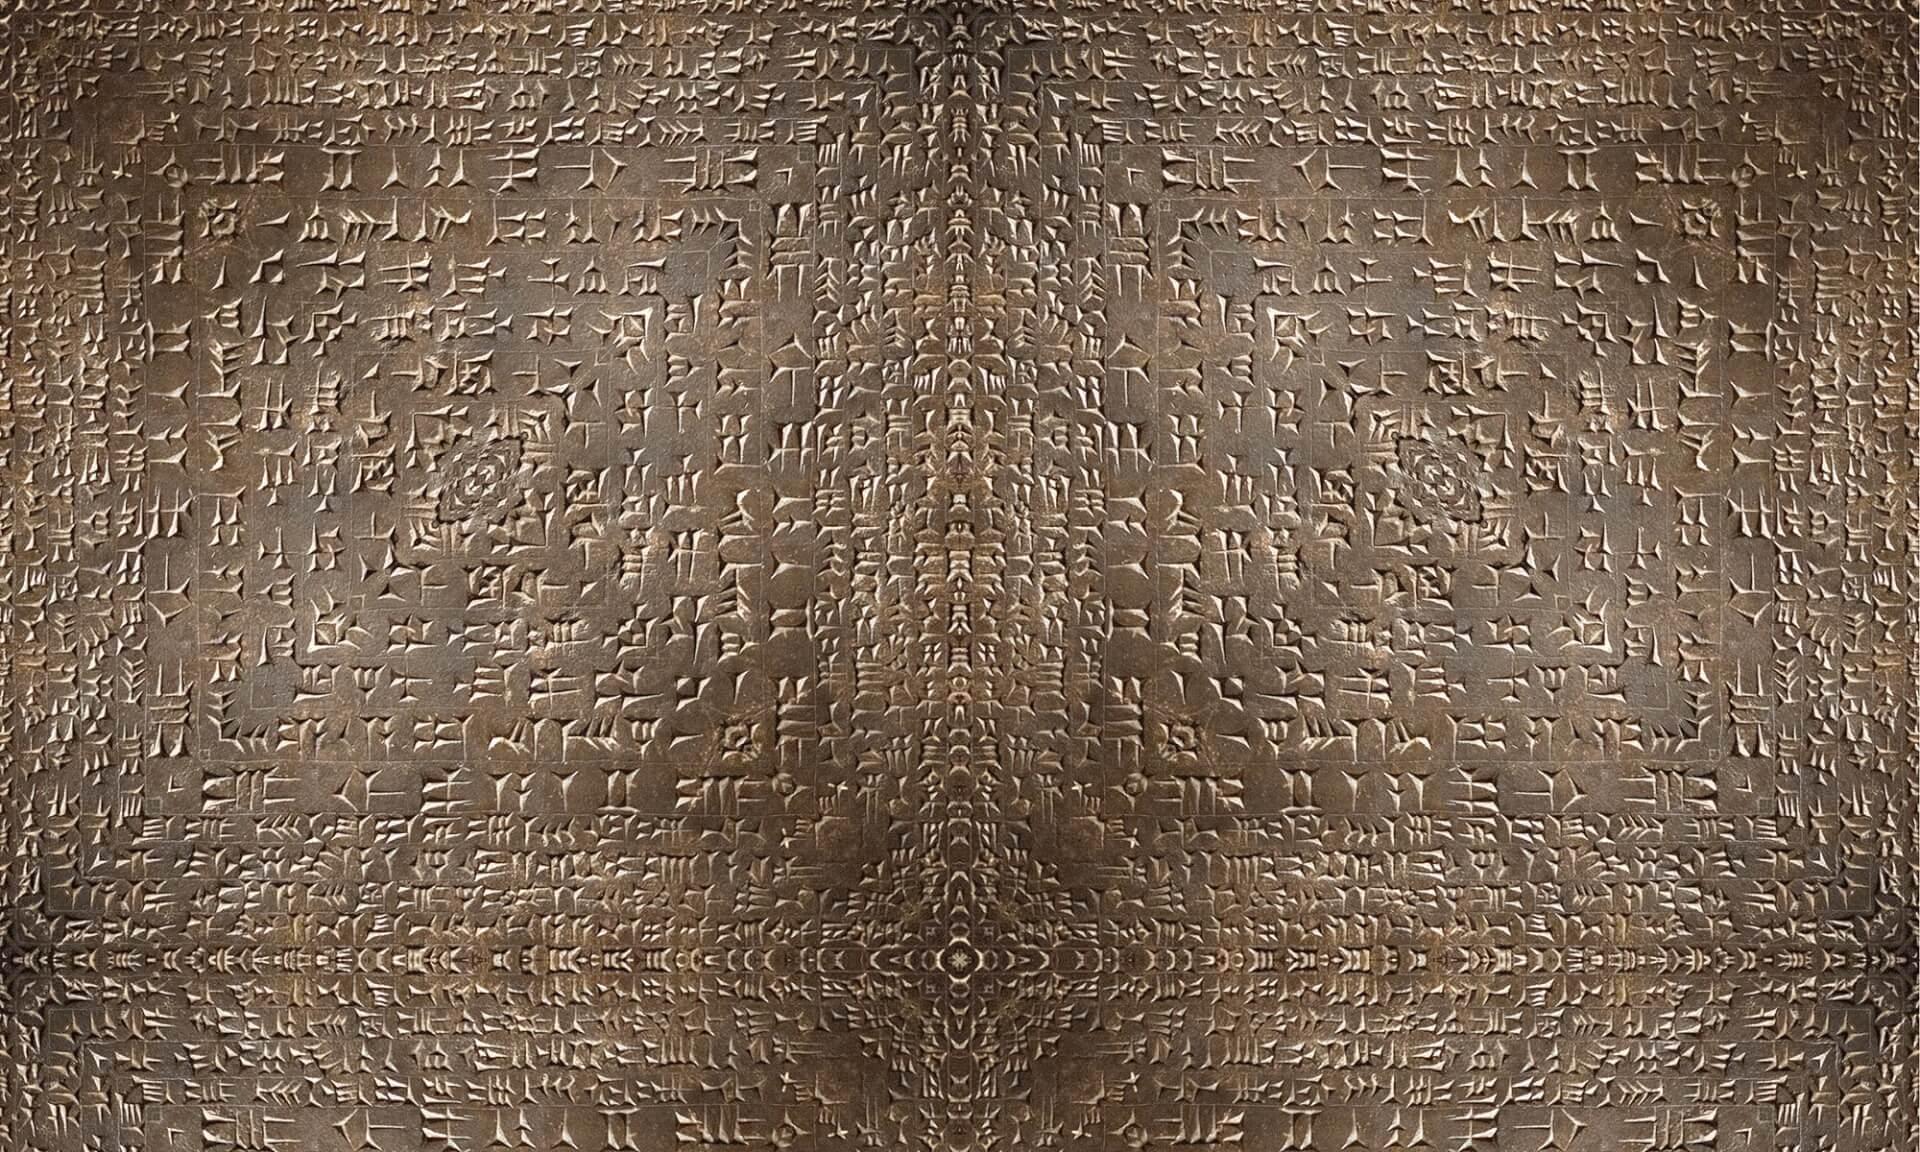 Runes in Rock Doug Garrabrants